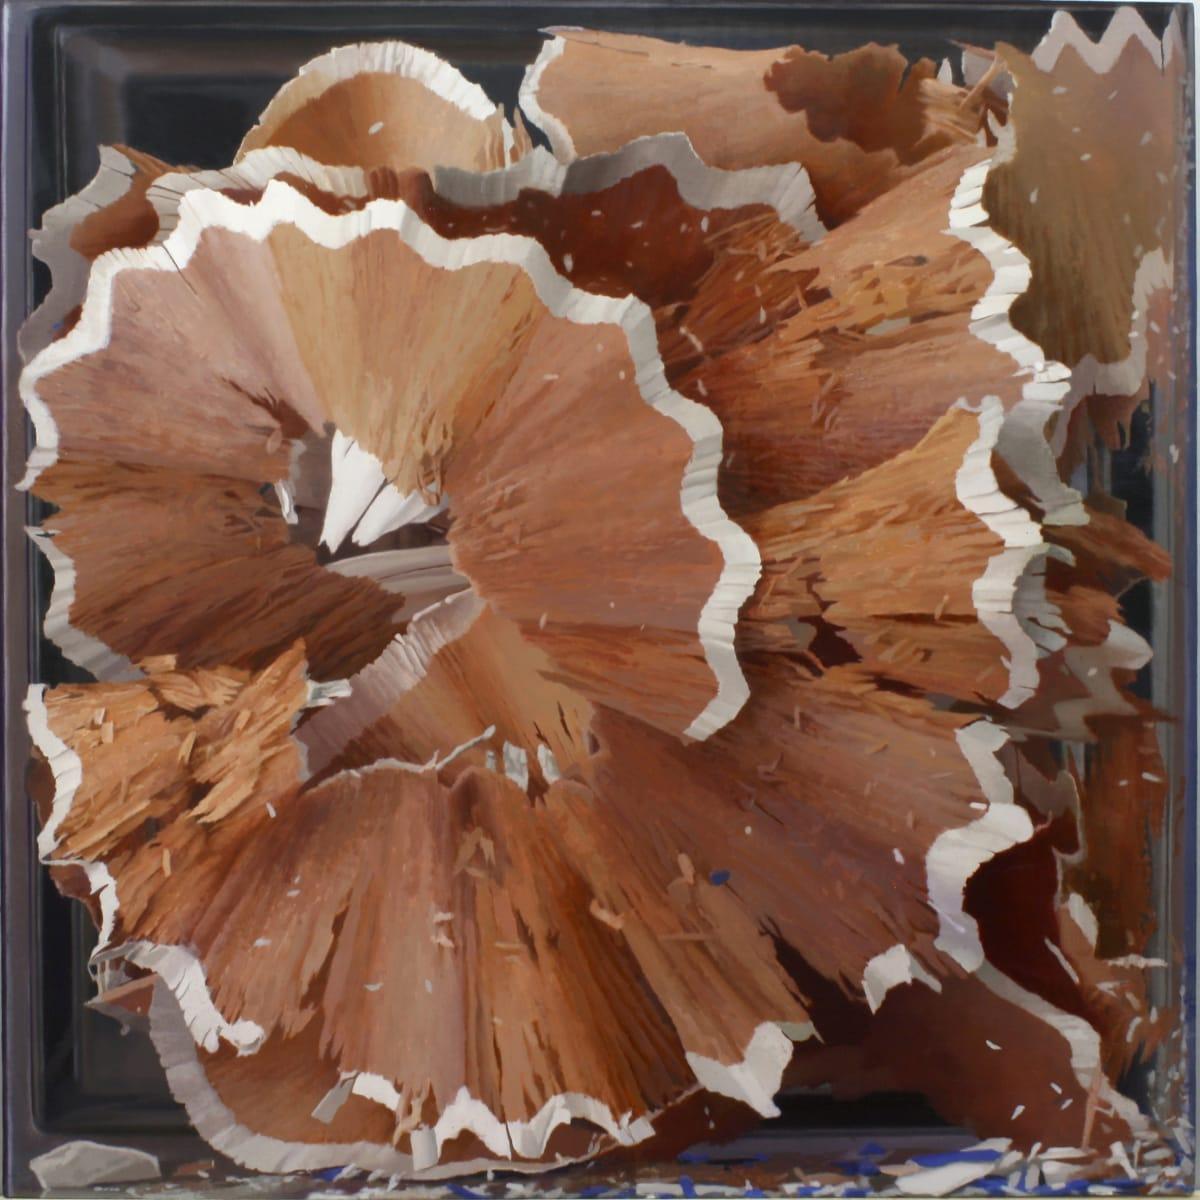 Javier Banegas Shavings II Oil on panel 80 x 80 cm